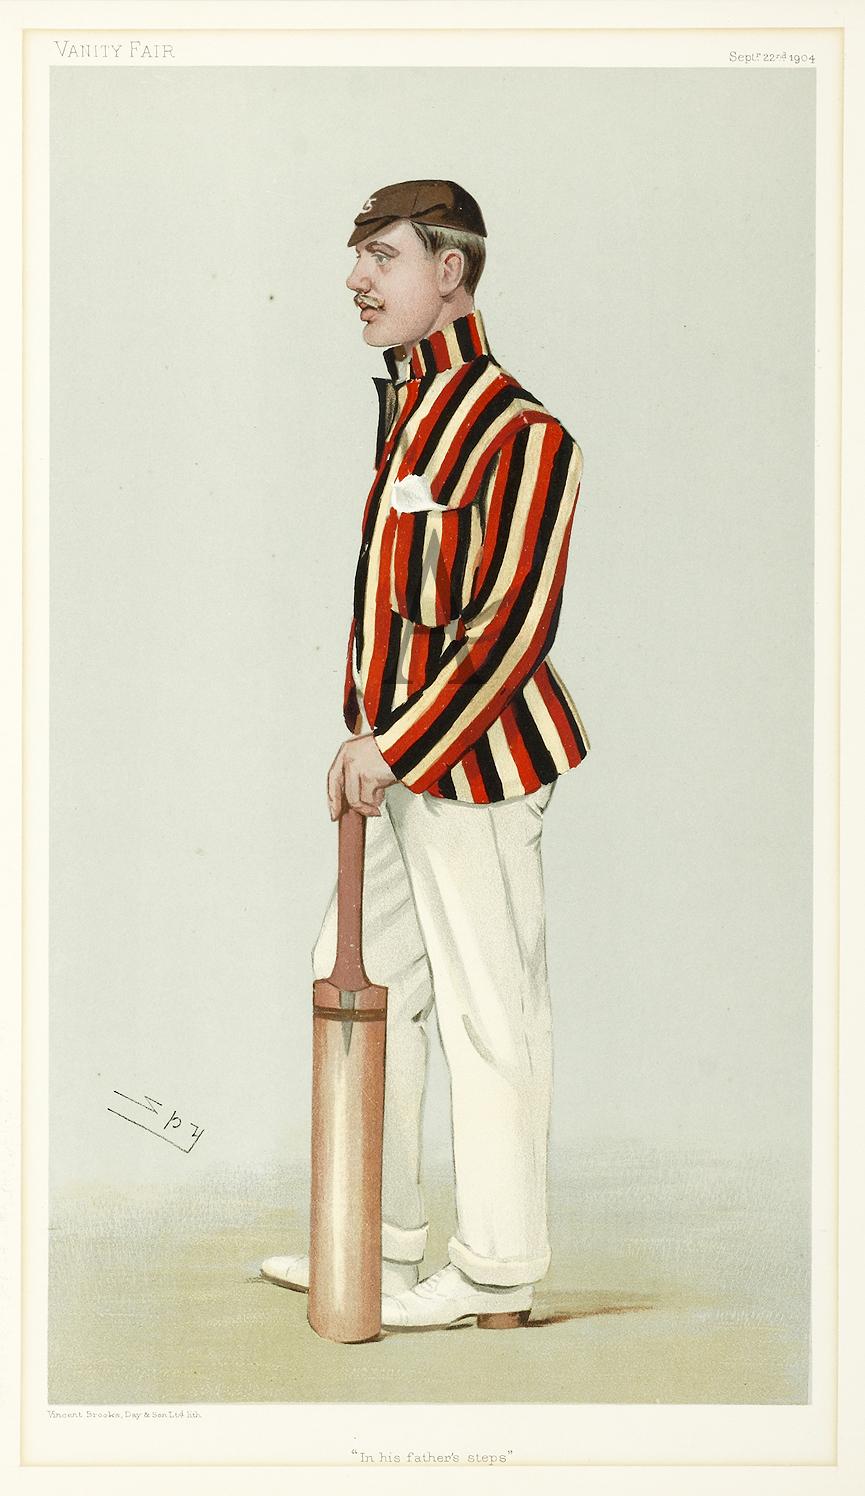 Edwardian sporting gear